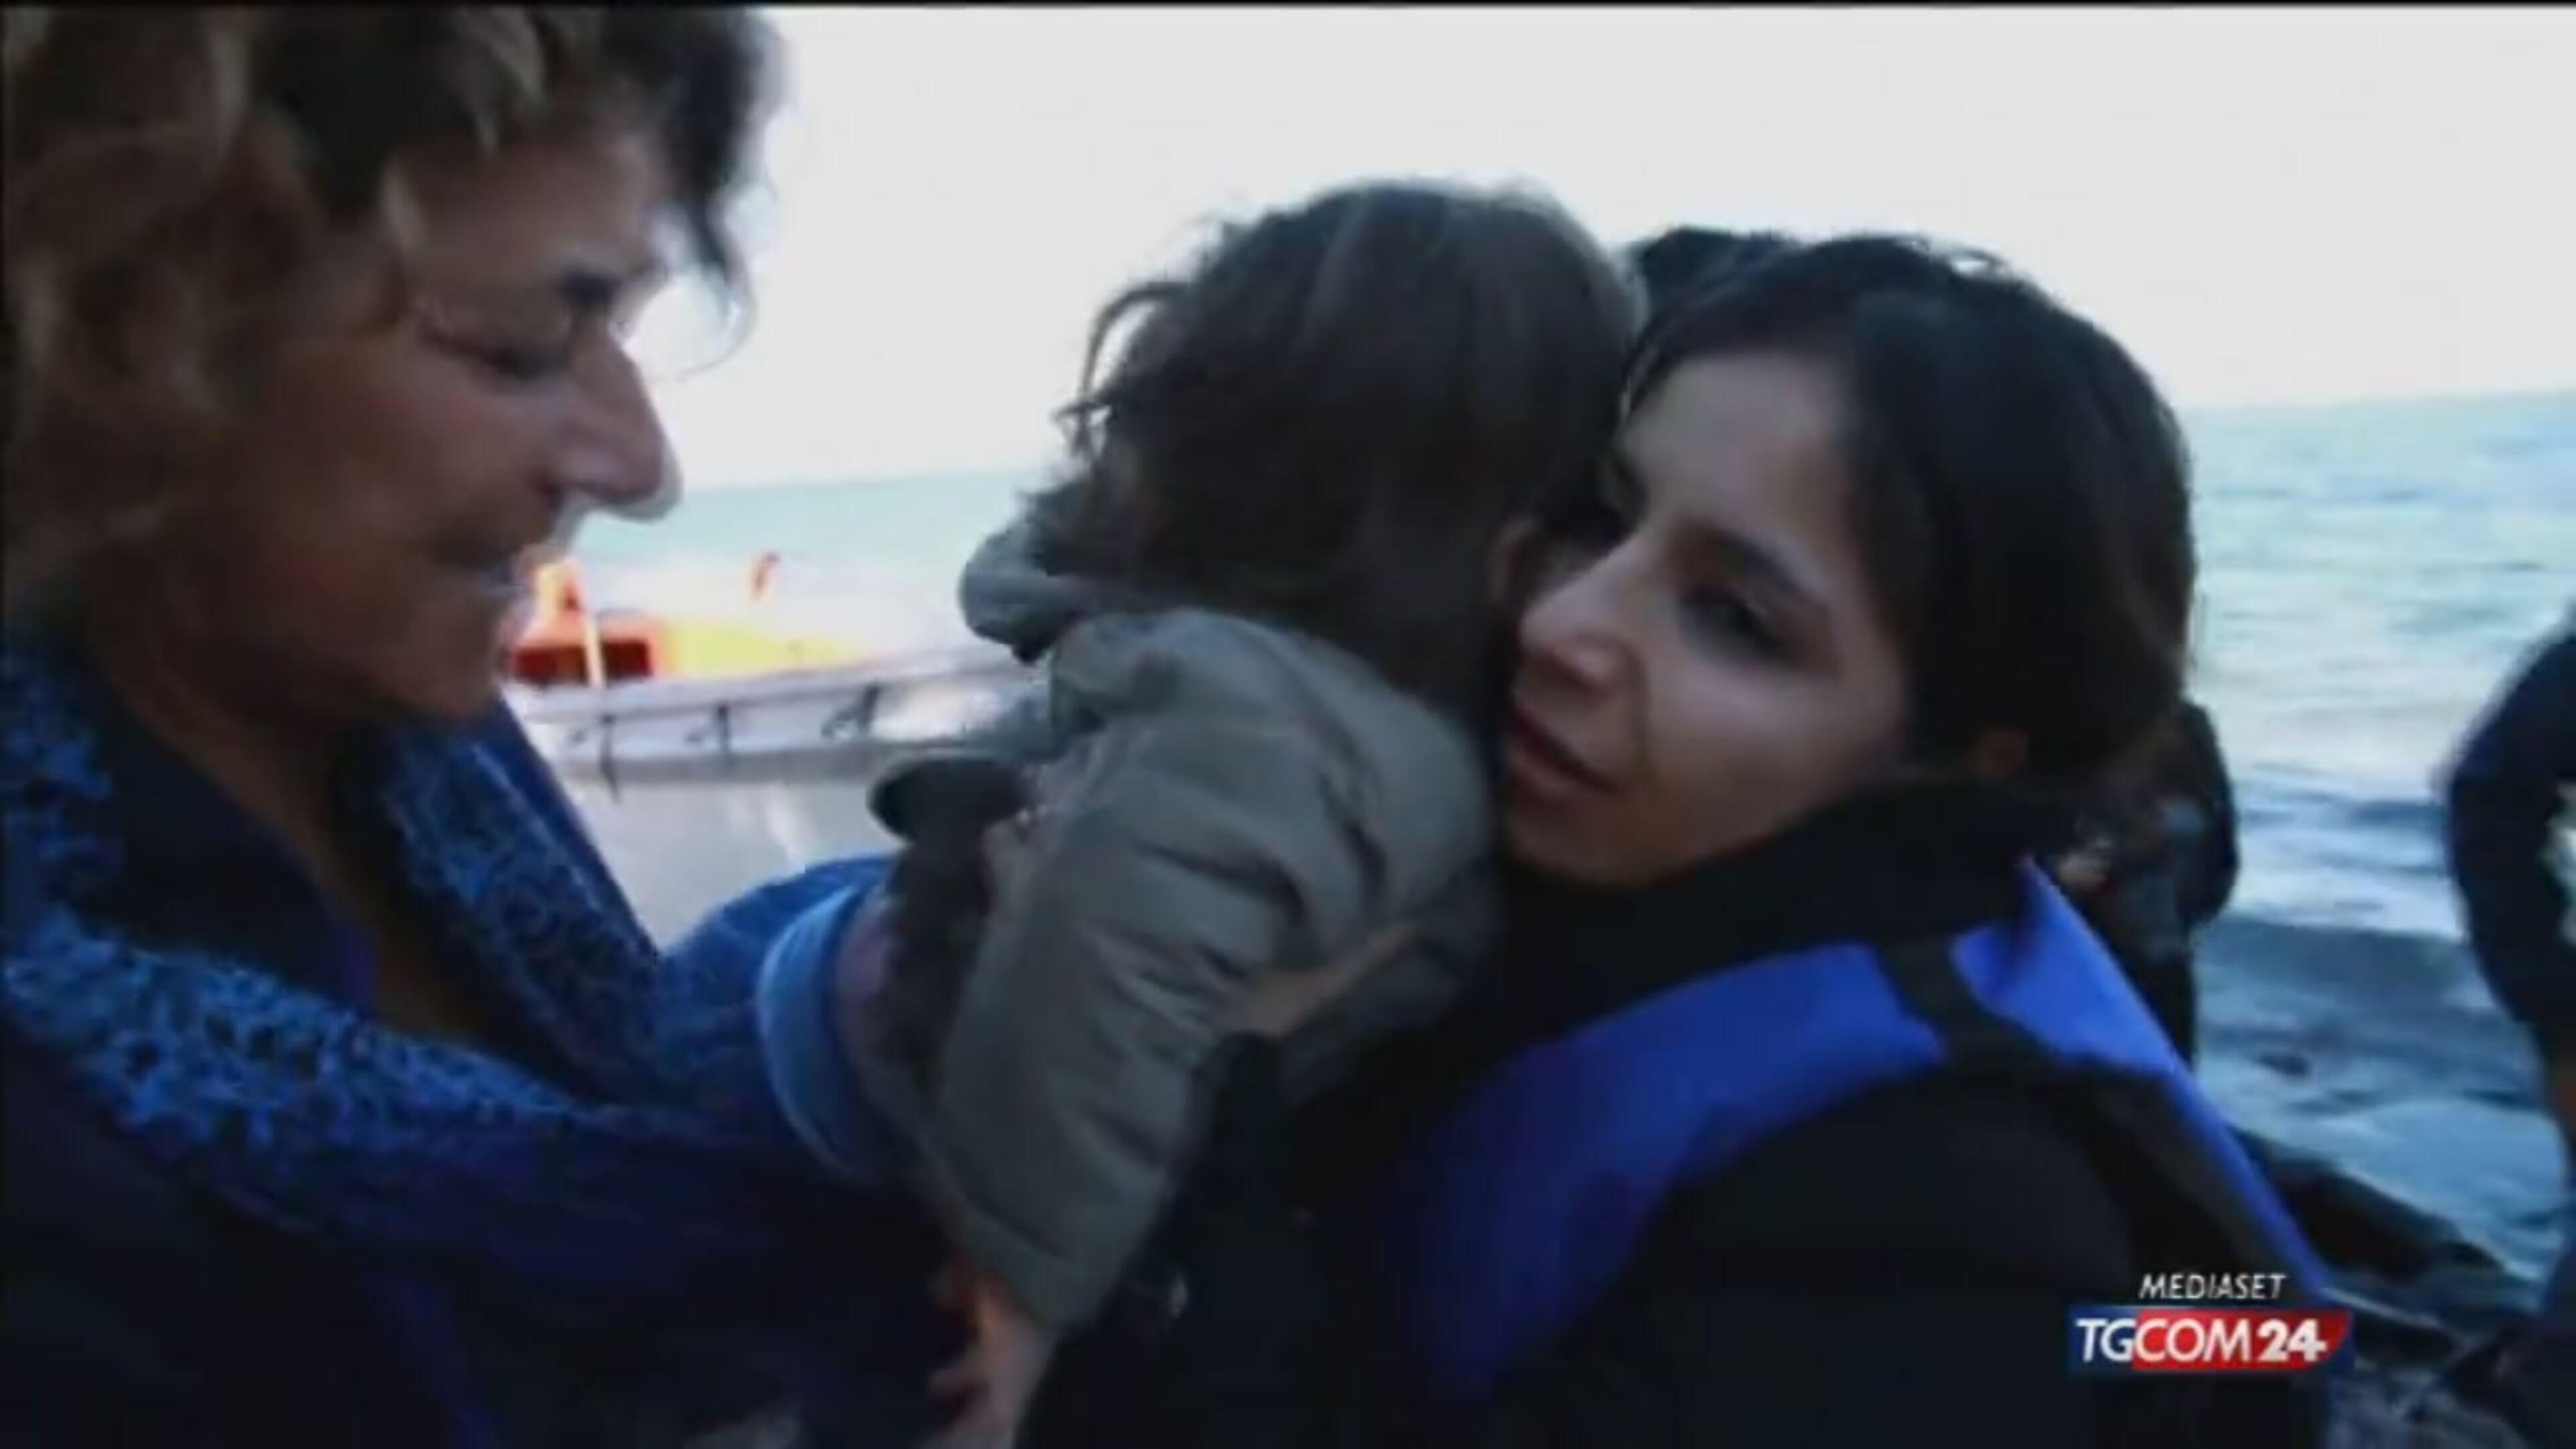 Immigrati: tra naufragi in Grecia e scontri in Ue